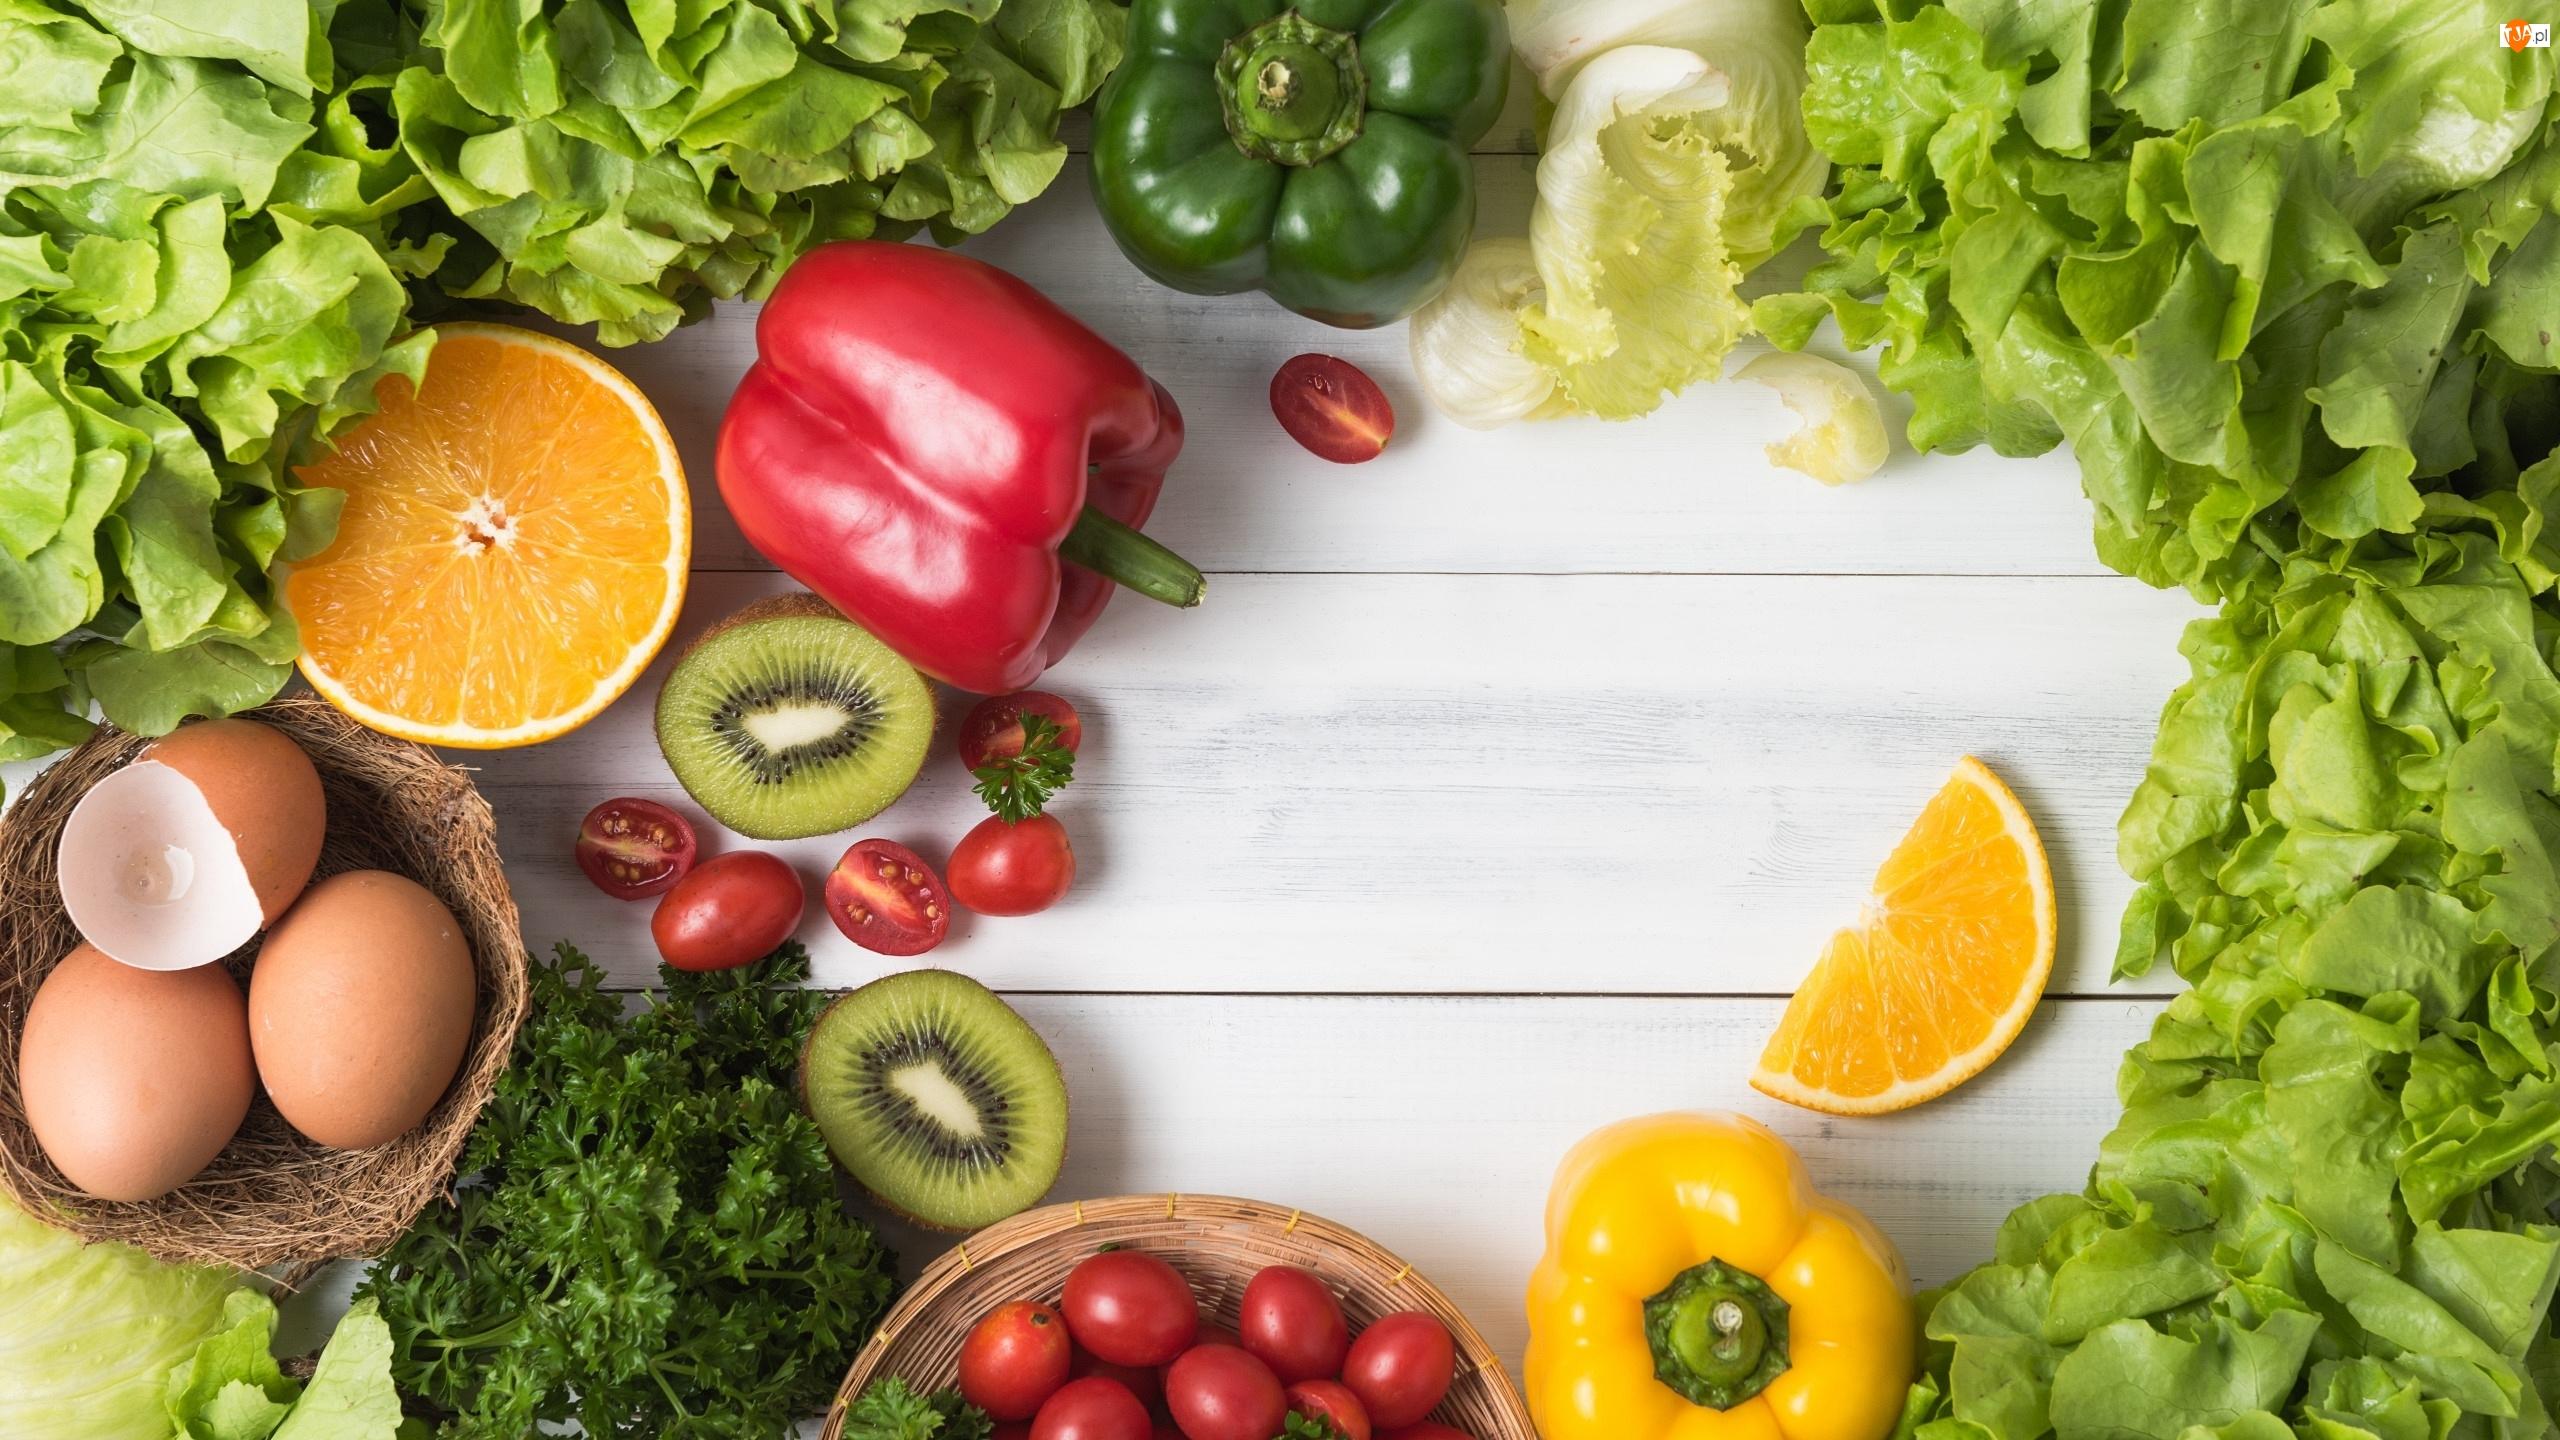 Deski, Owoce, Kiwi, Jajka, Sałata, Warzywa, Pomidorki, Papryka, Koktajlowe, Pomarańcz